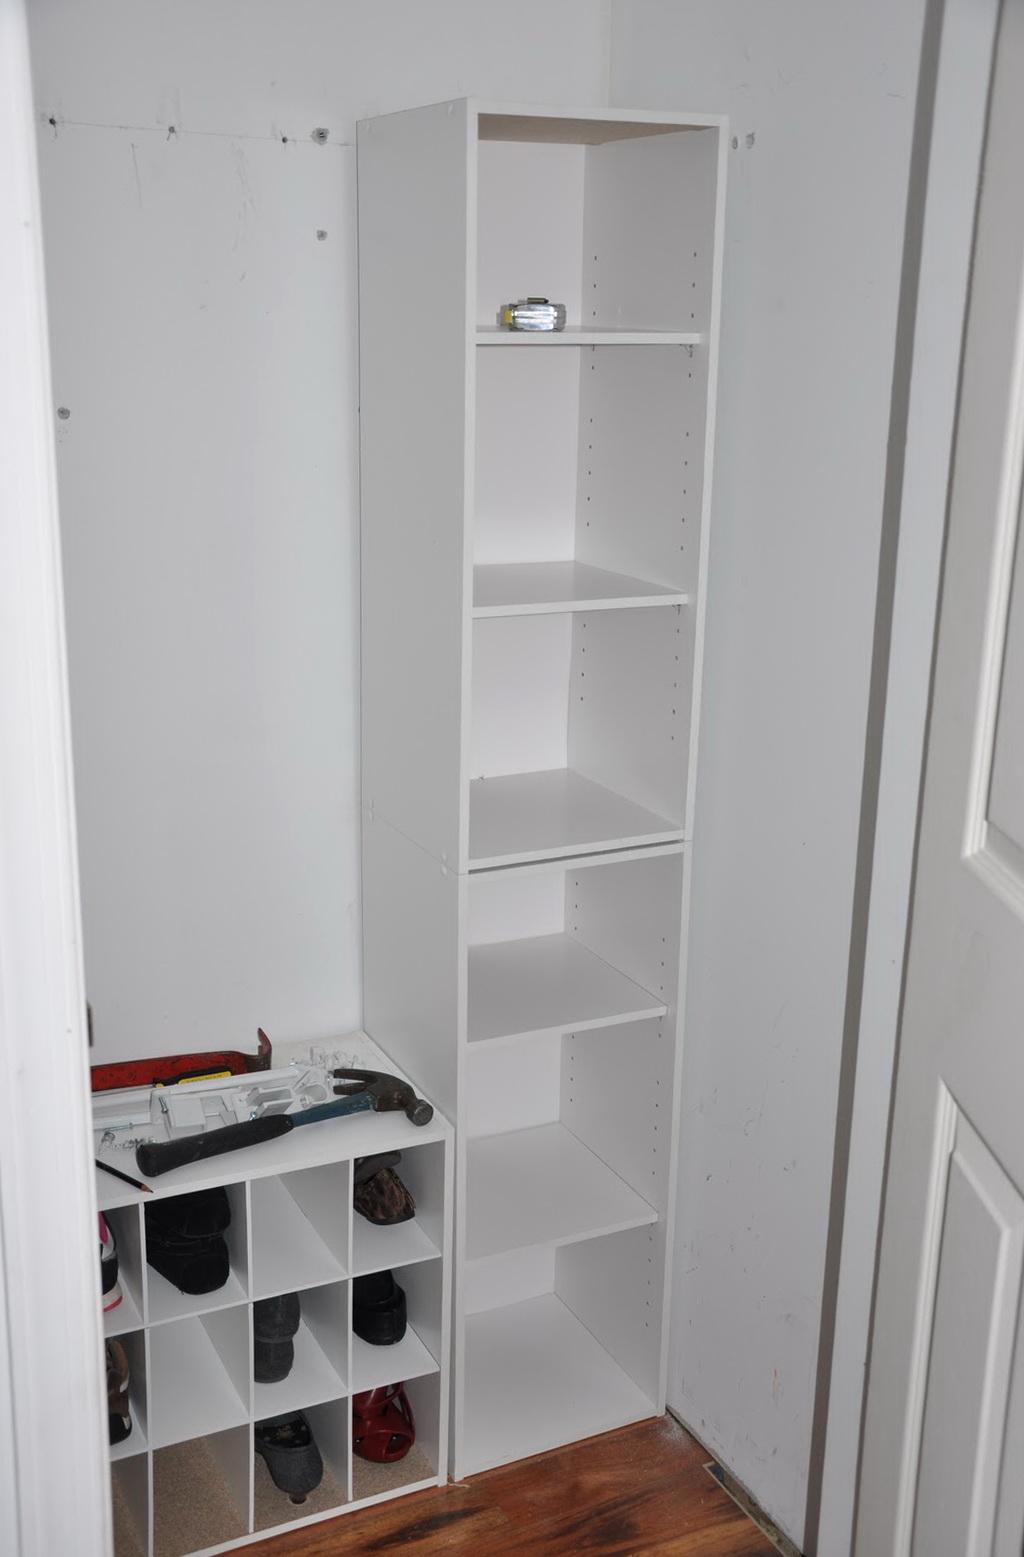 Closet Shelving Units Lowes Home Design Ideas